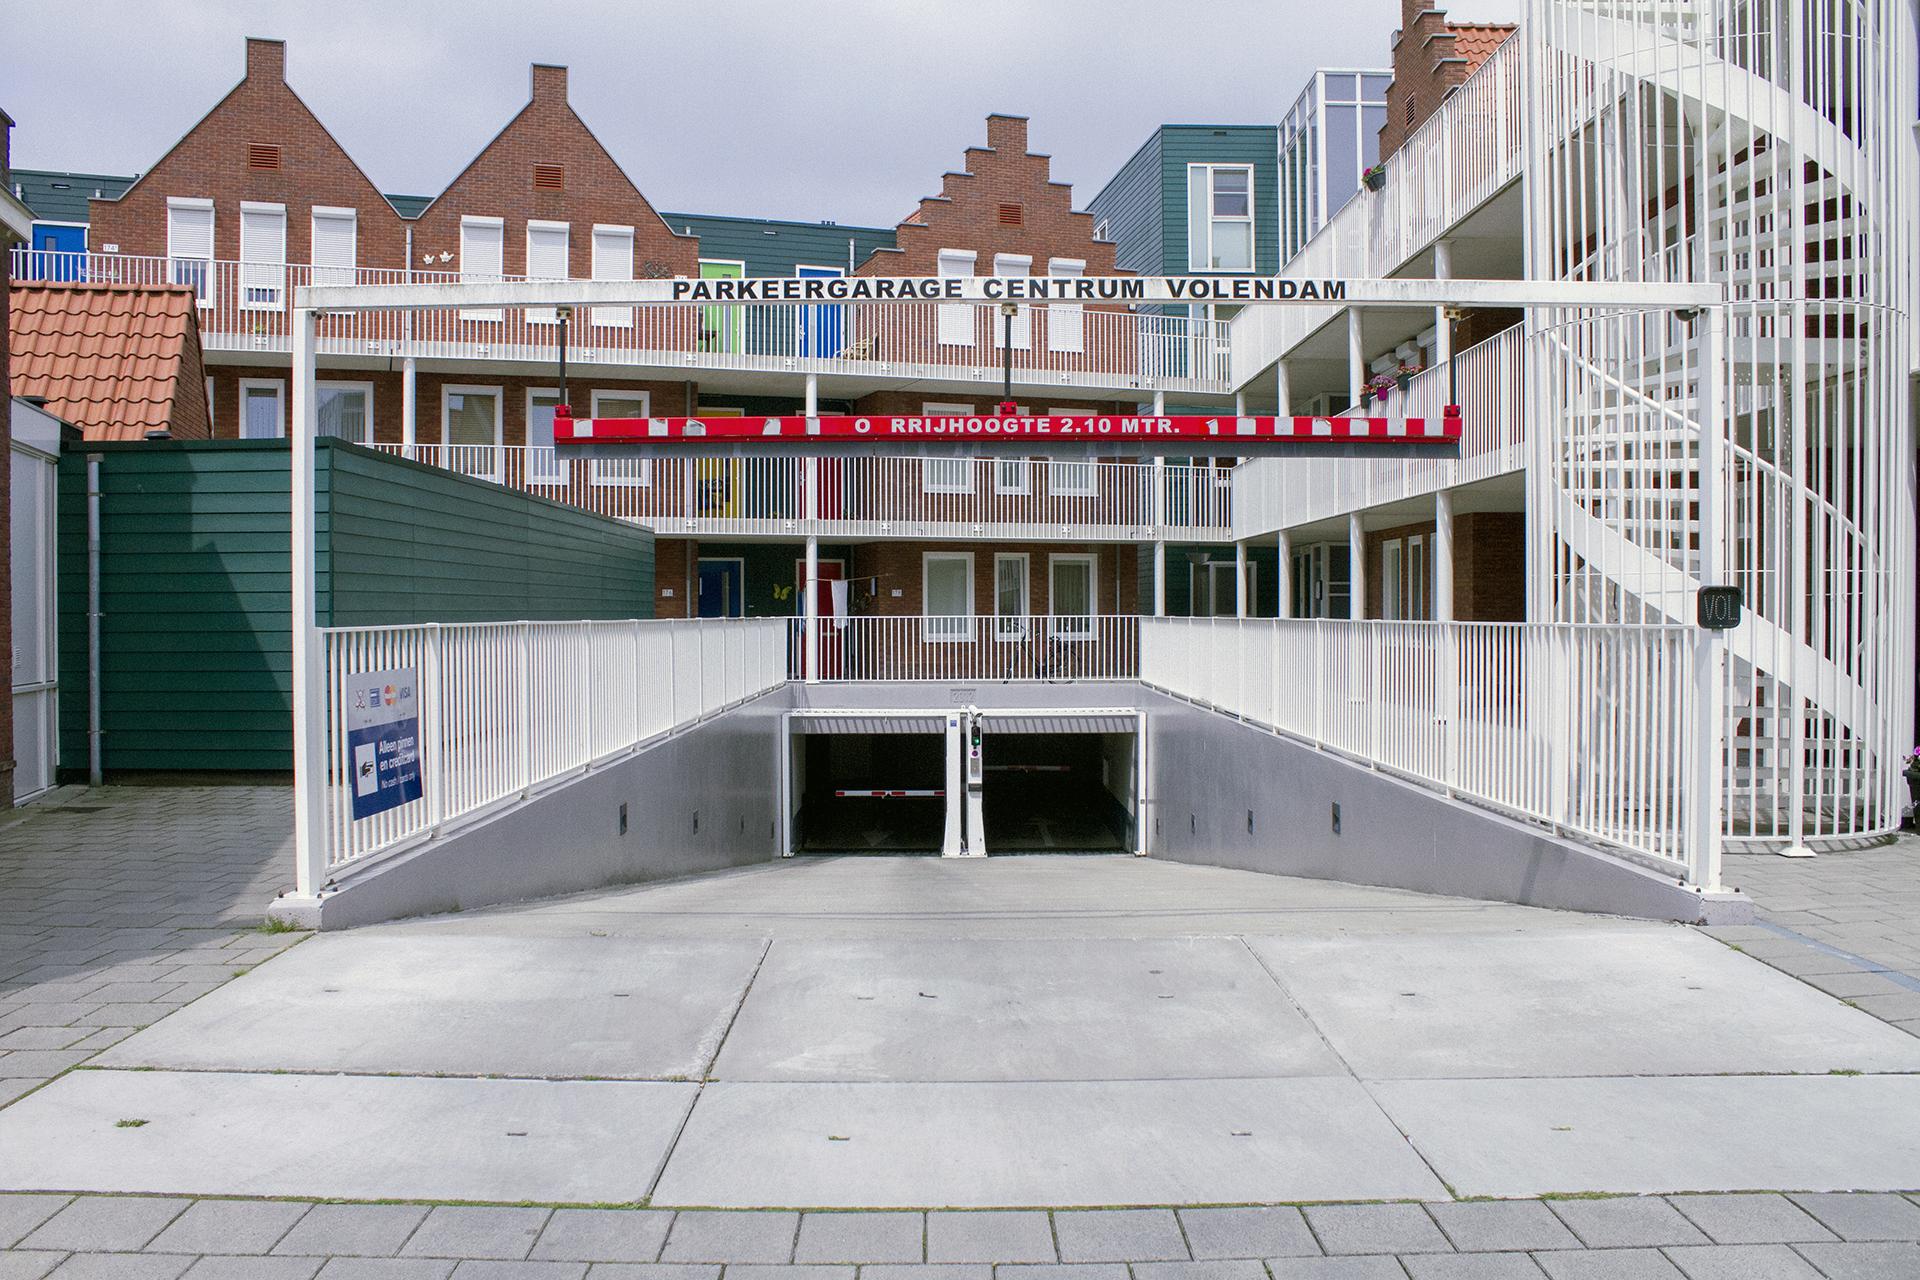 Volendam Centrum garage_2590